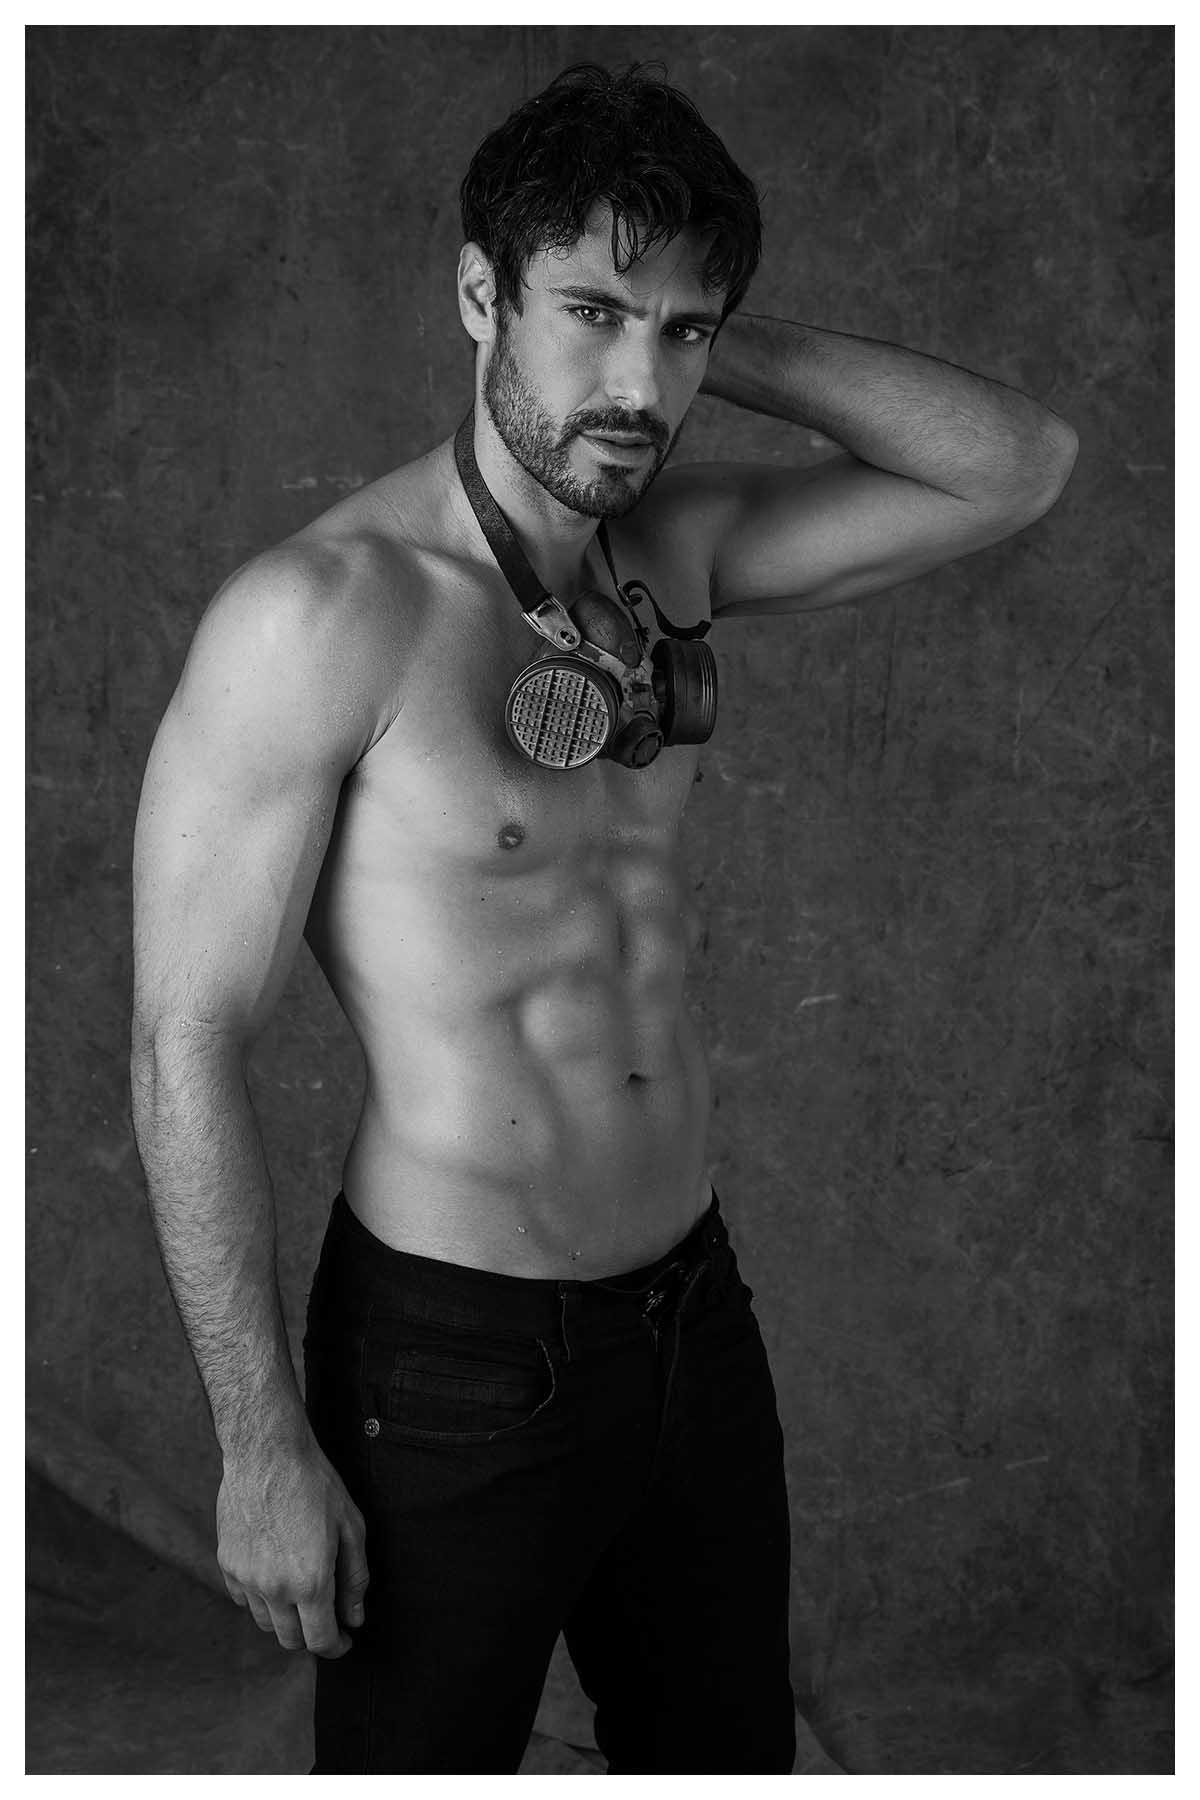 Pedro Soltz by Marcio Farias for Brazilian Male Model